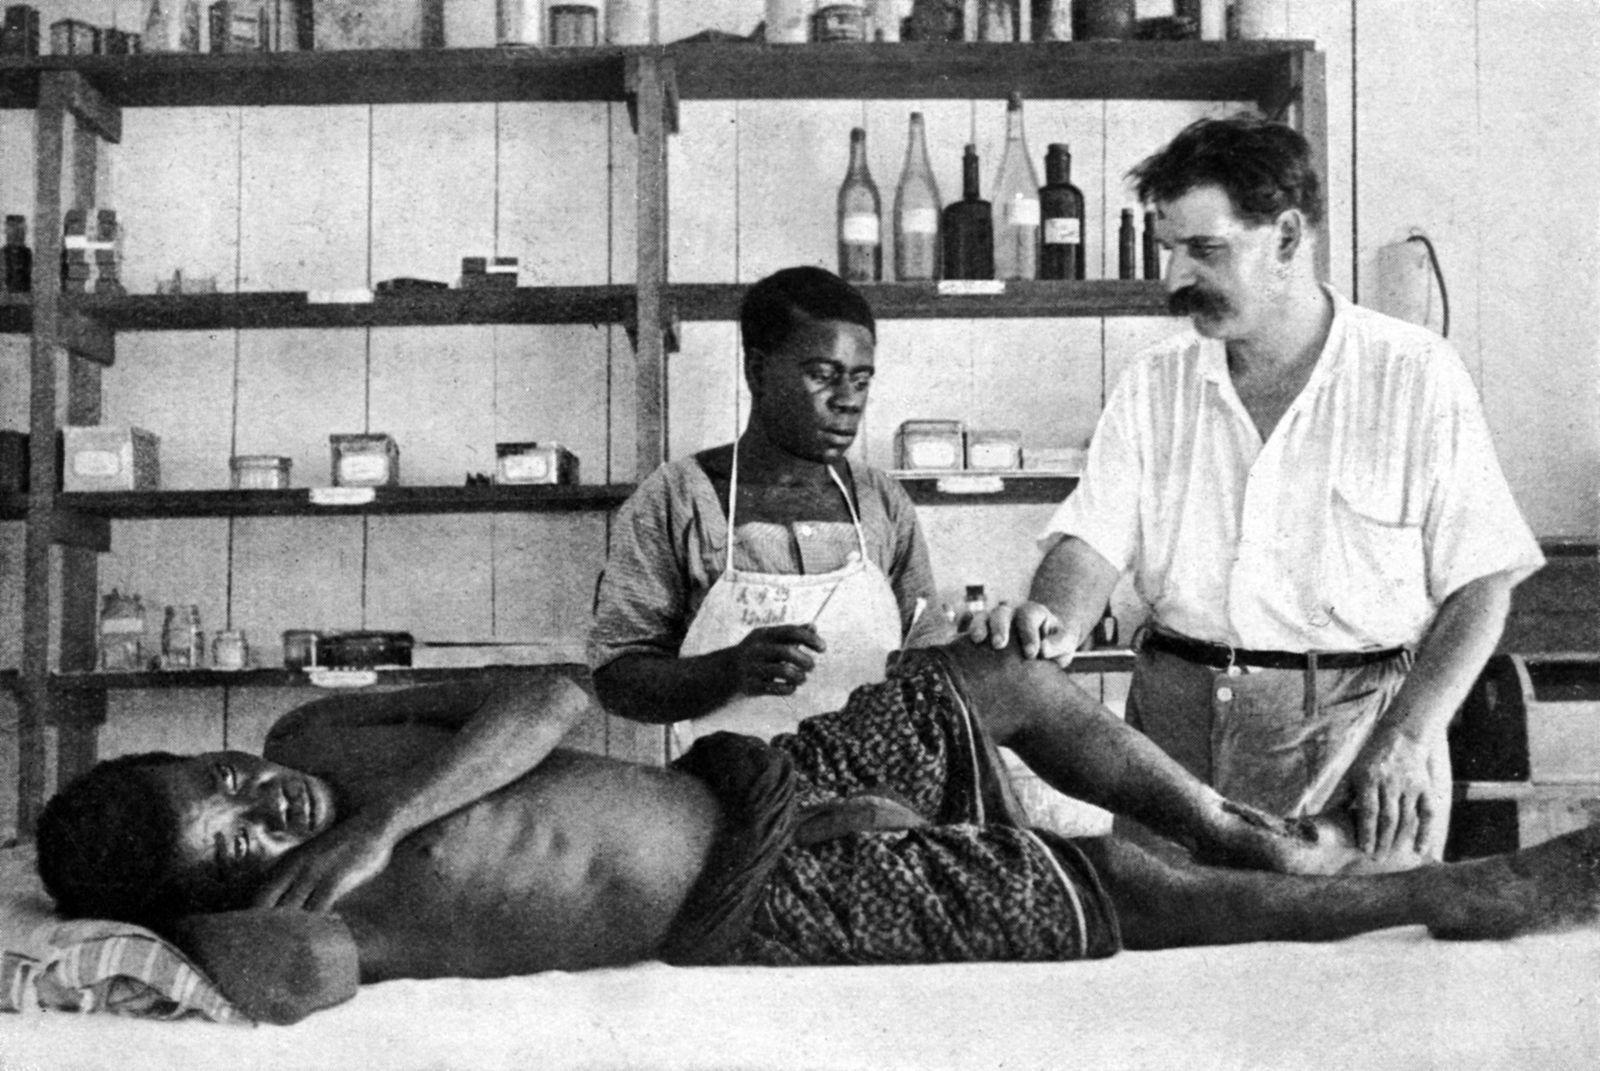 Les deux photos représentent le docteur Schweitzer, médecin français qui consacra sa vie à l'amélioration de la santé des Africains dans les cinquantes premières années du XX ème siècle.